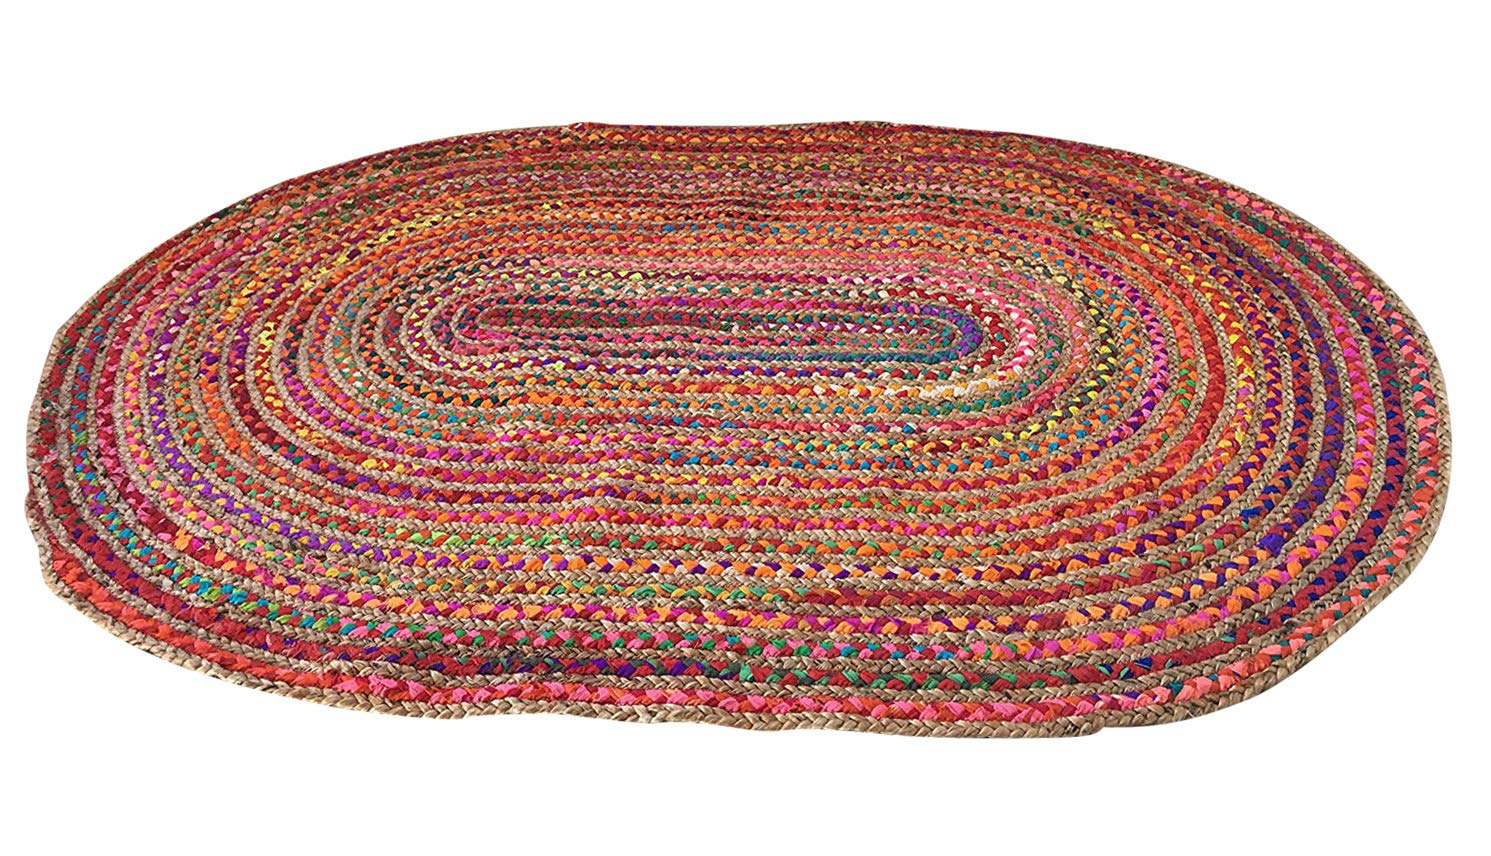 Second Nature Große geflochten oval Flickenteppich Jute & Baumwolle Multi Farbig 120 cm x 180 cm